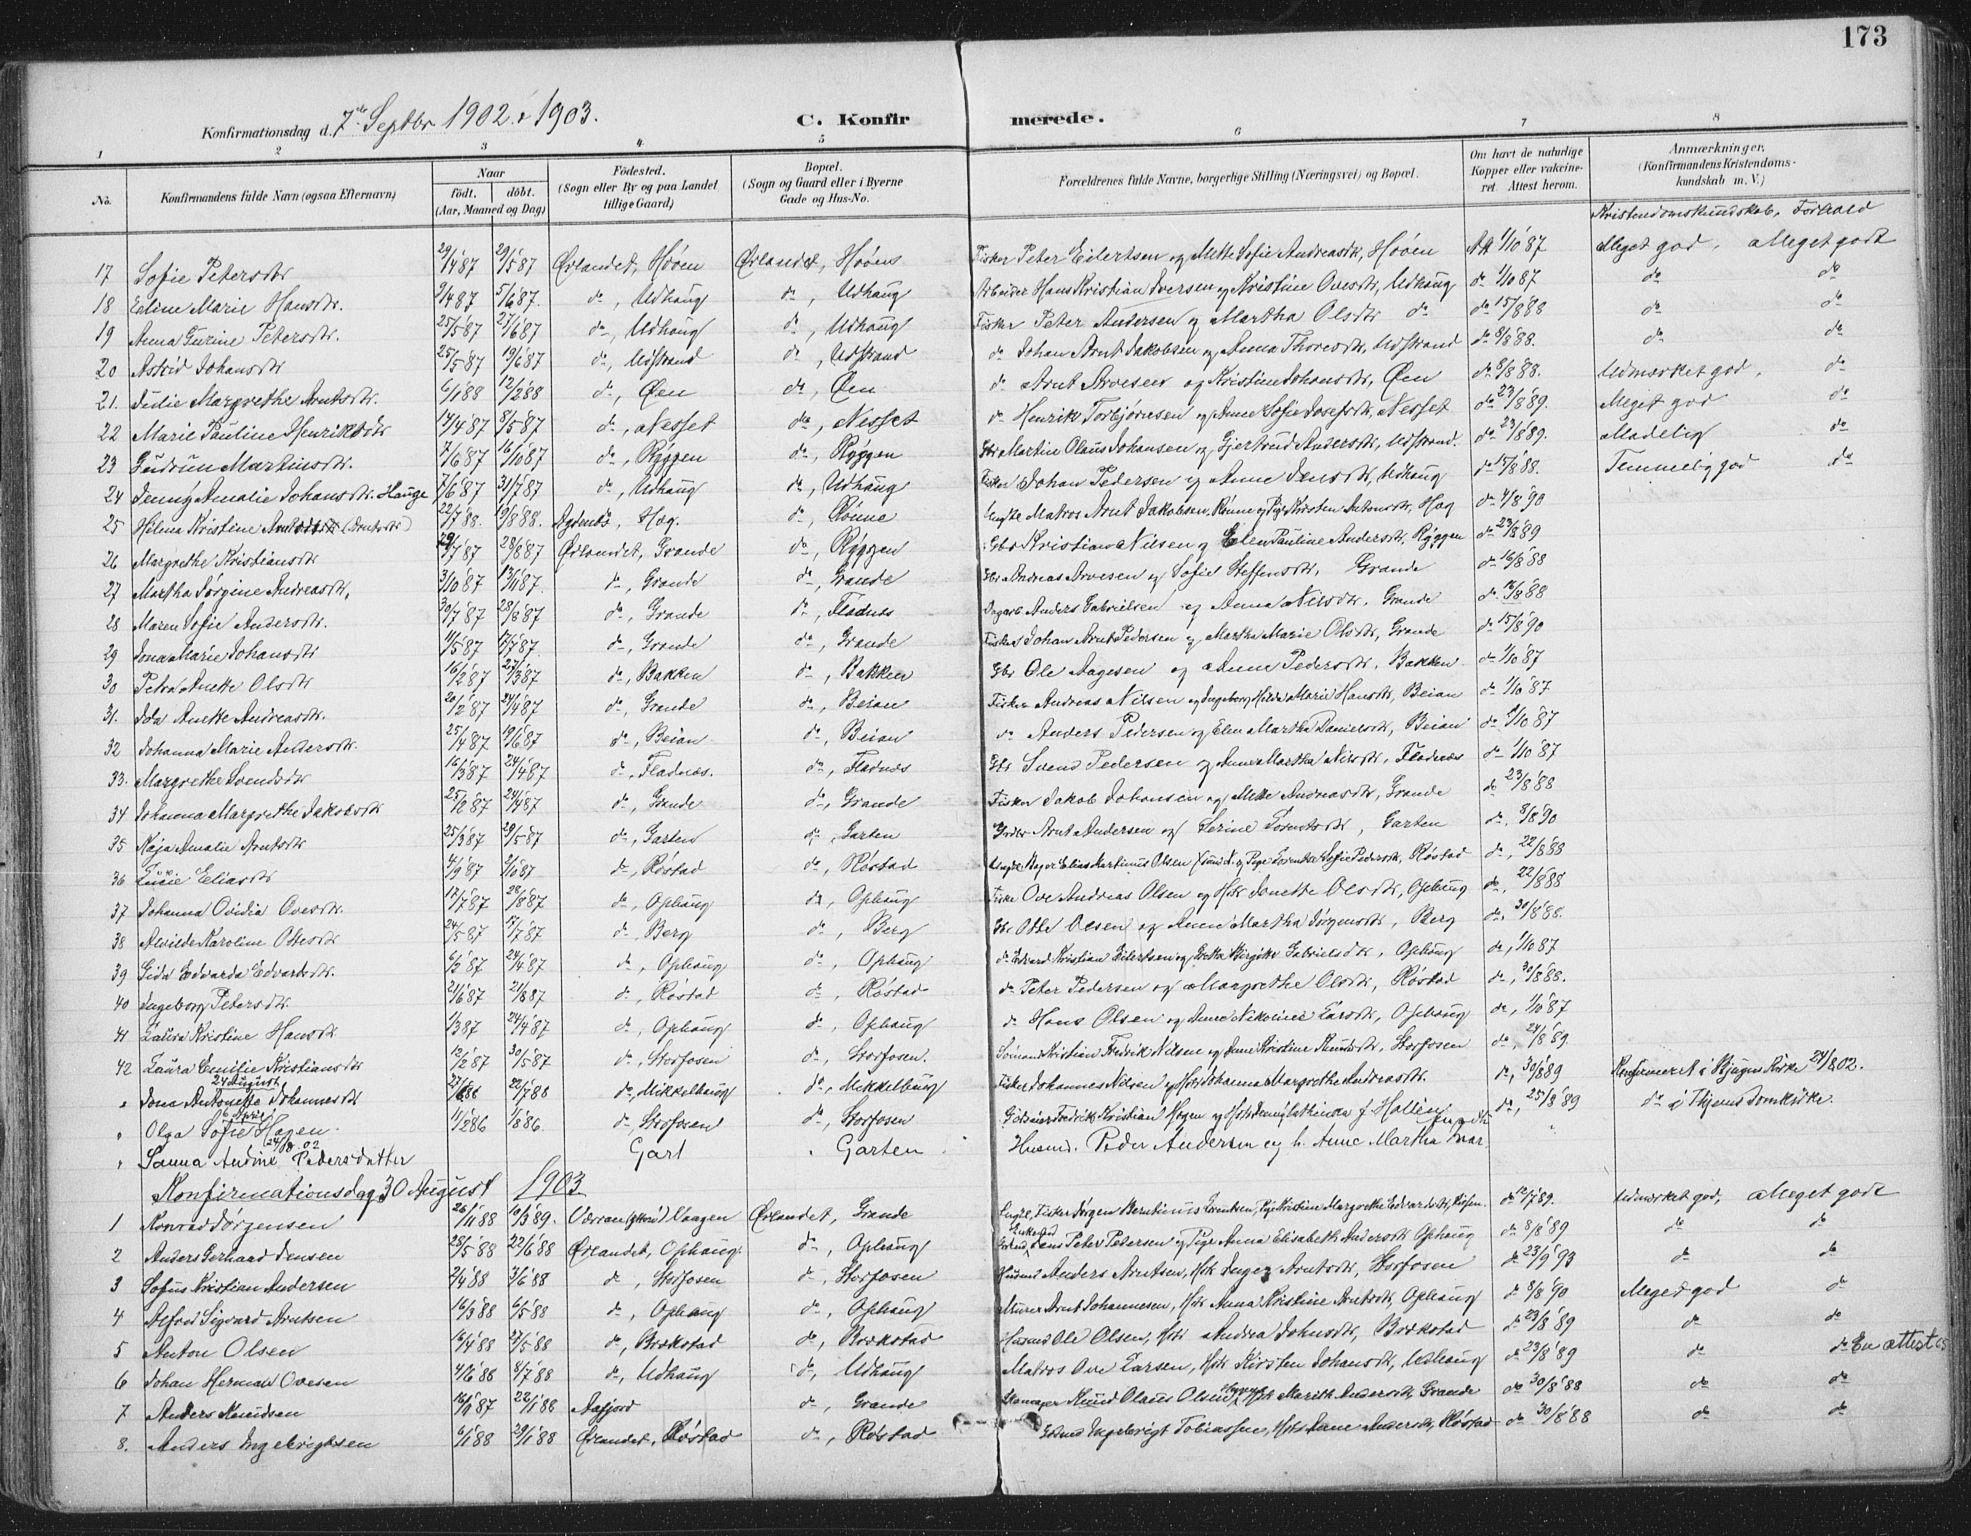 SAT, Ministerialprotokoller, klokkerbøker og fødselsregistre - Sør-Trøndelag, 659/L0743: Ministerialbok nr. 659A13, 1893-1910, s. 173